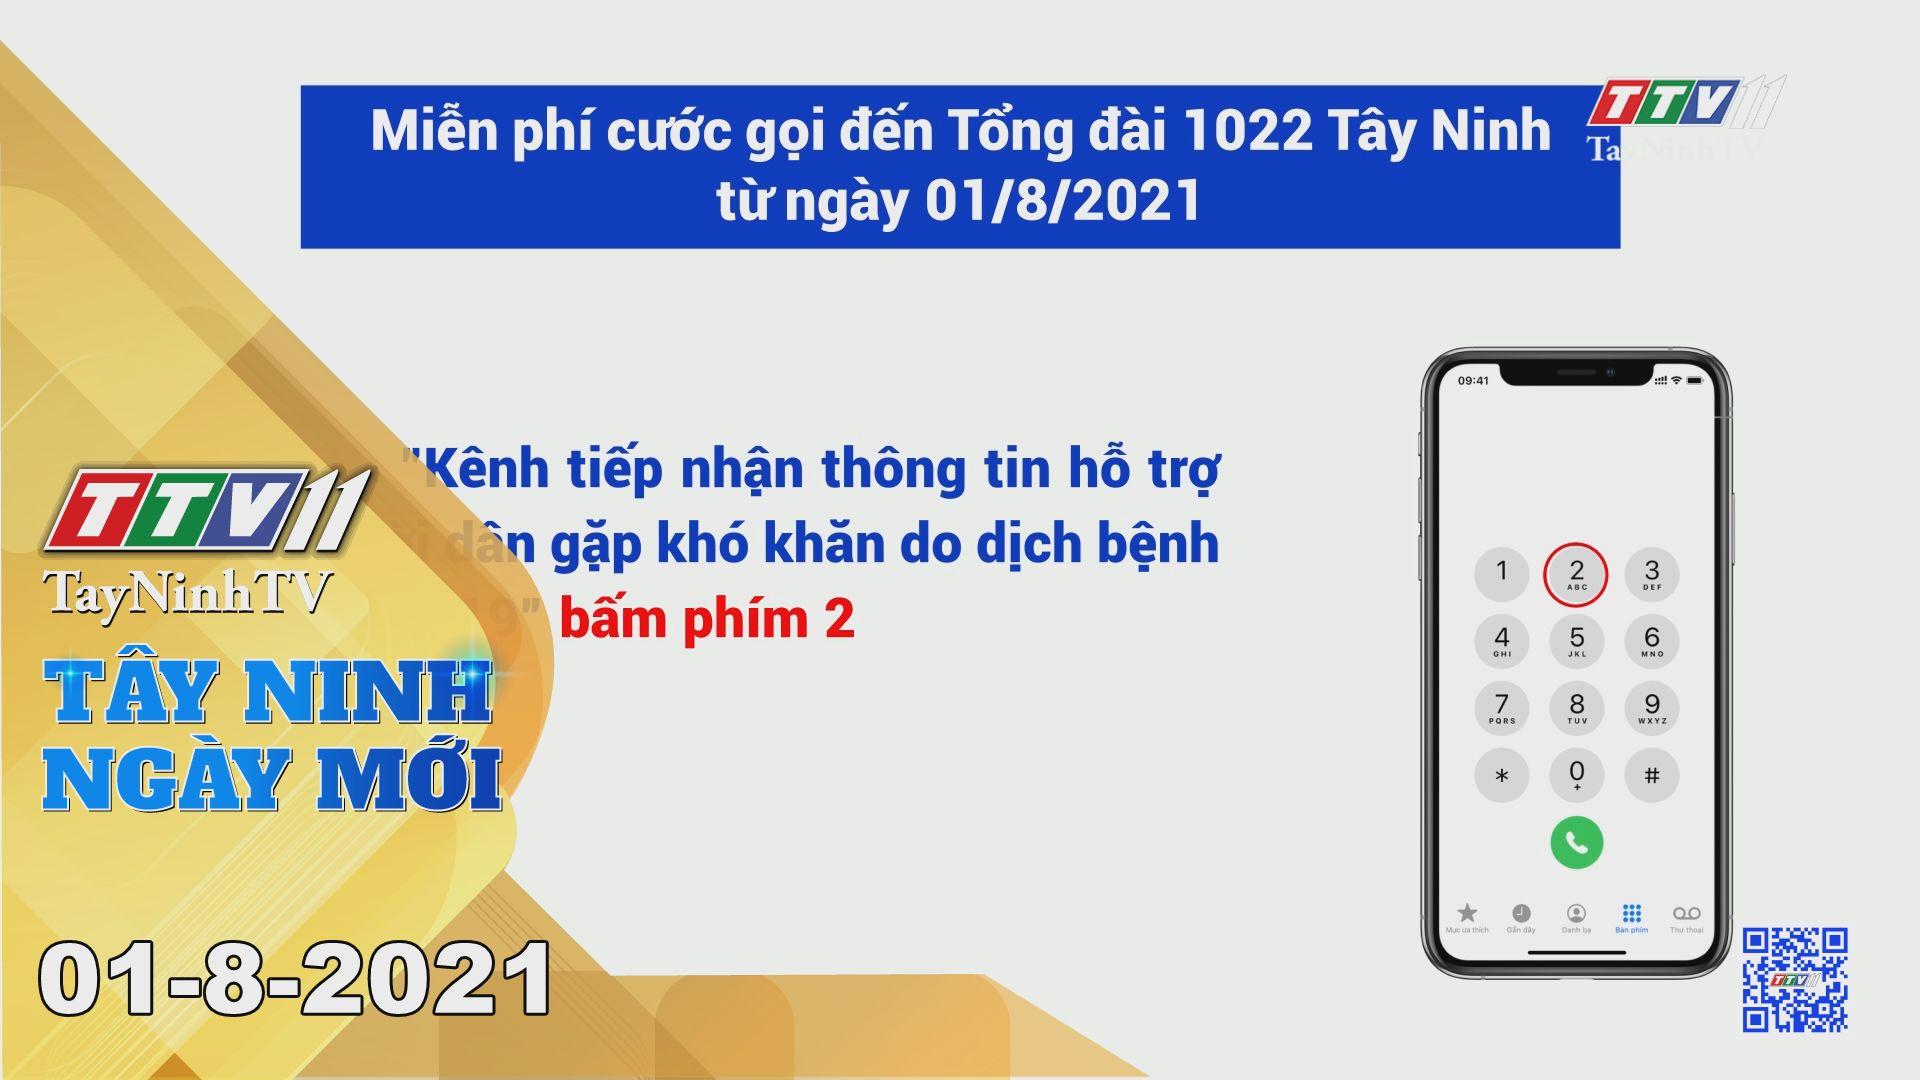 Tây Ninh Ngày Mới 01-8-2021   Tin tức hôm nay   TayNinhTV